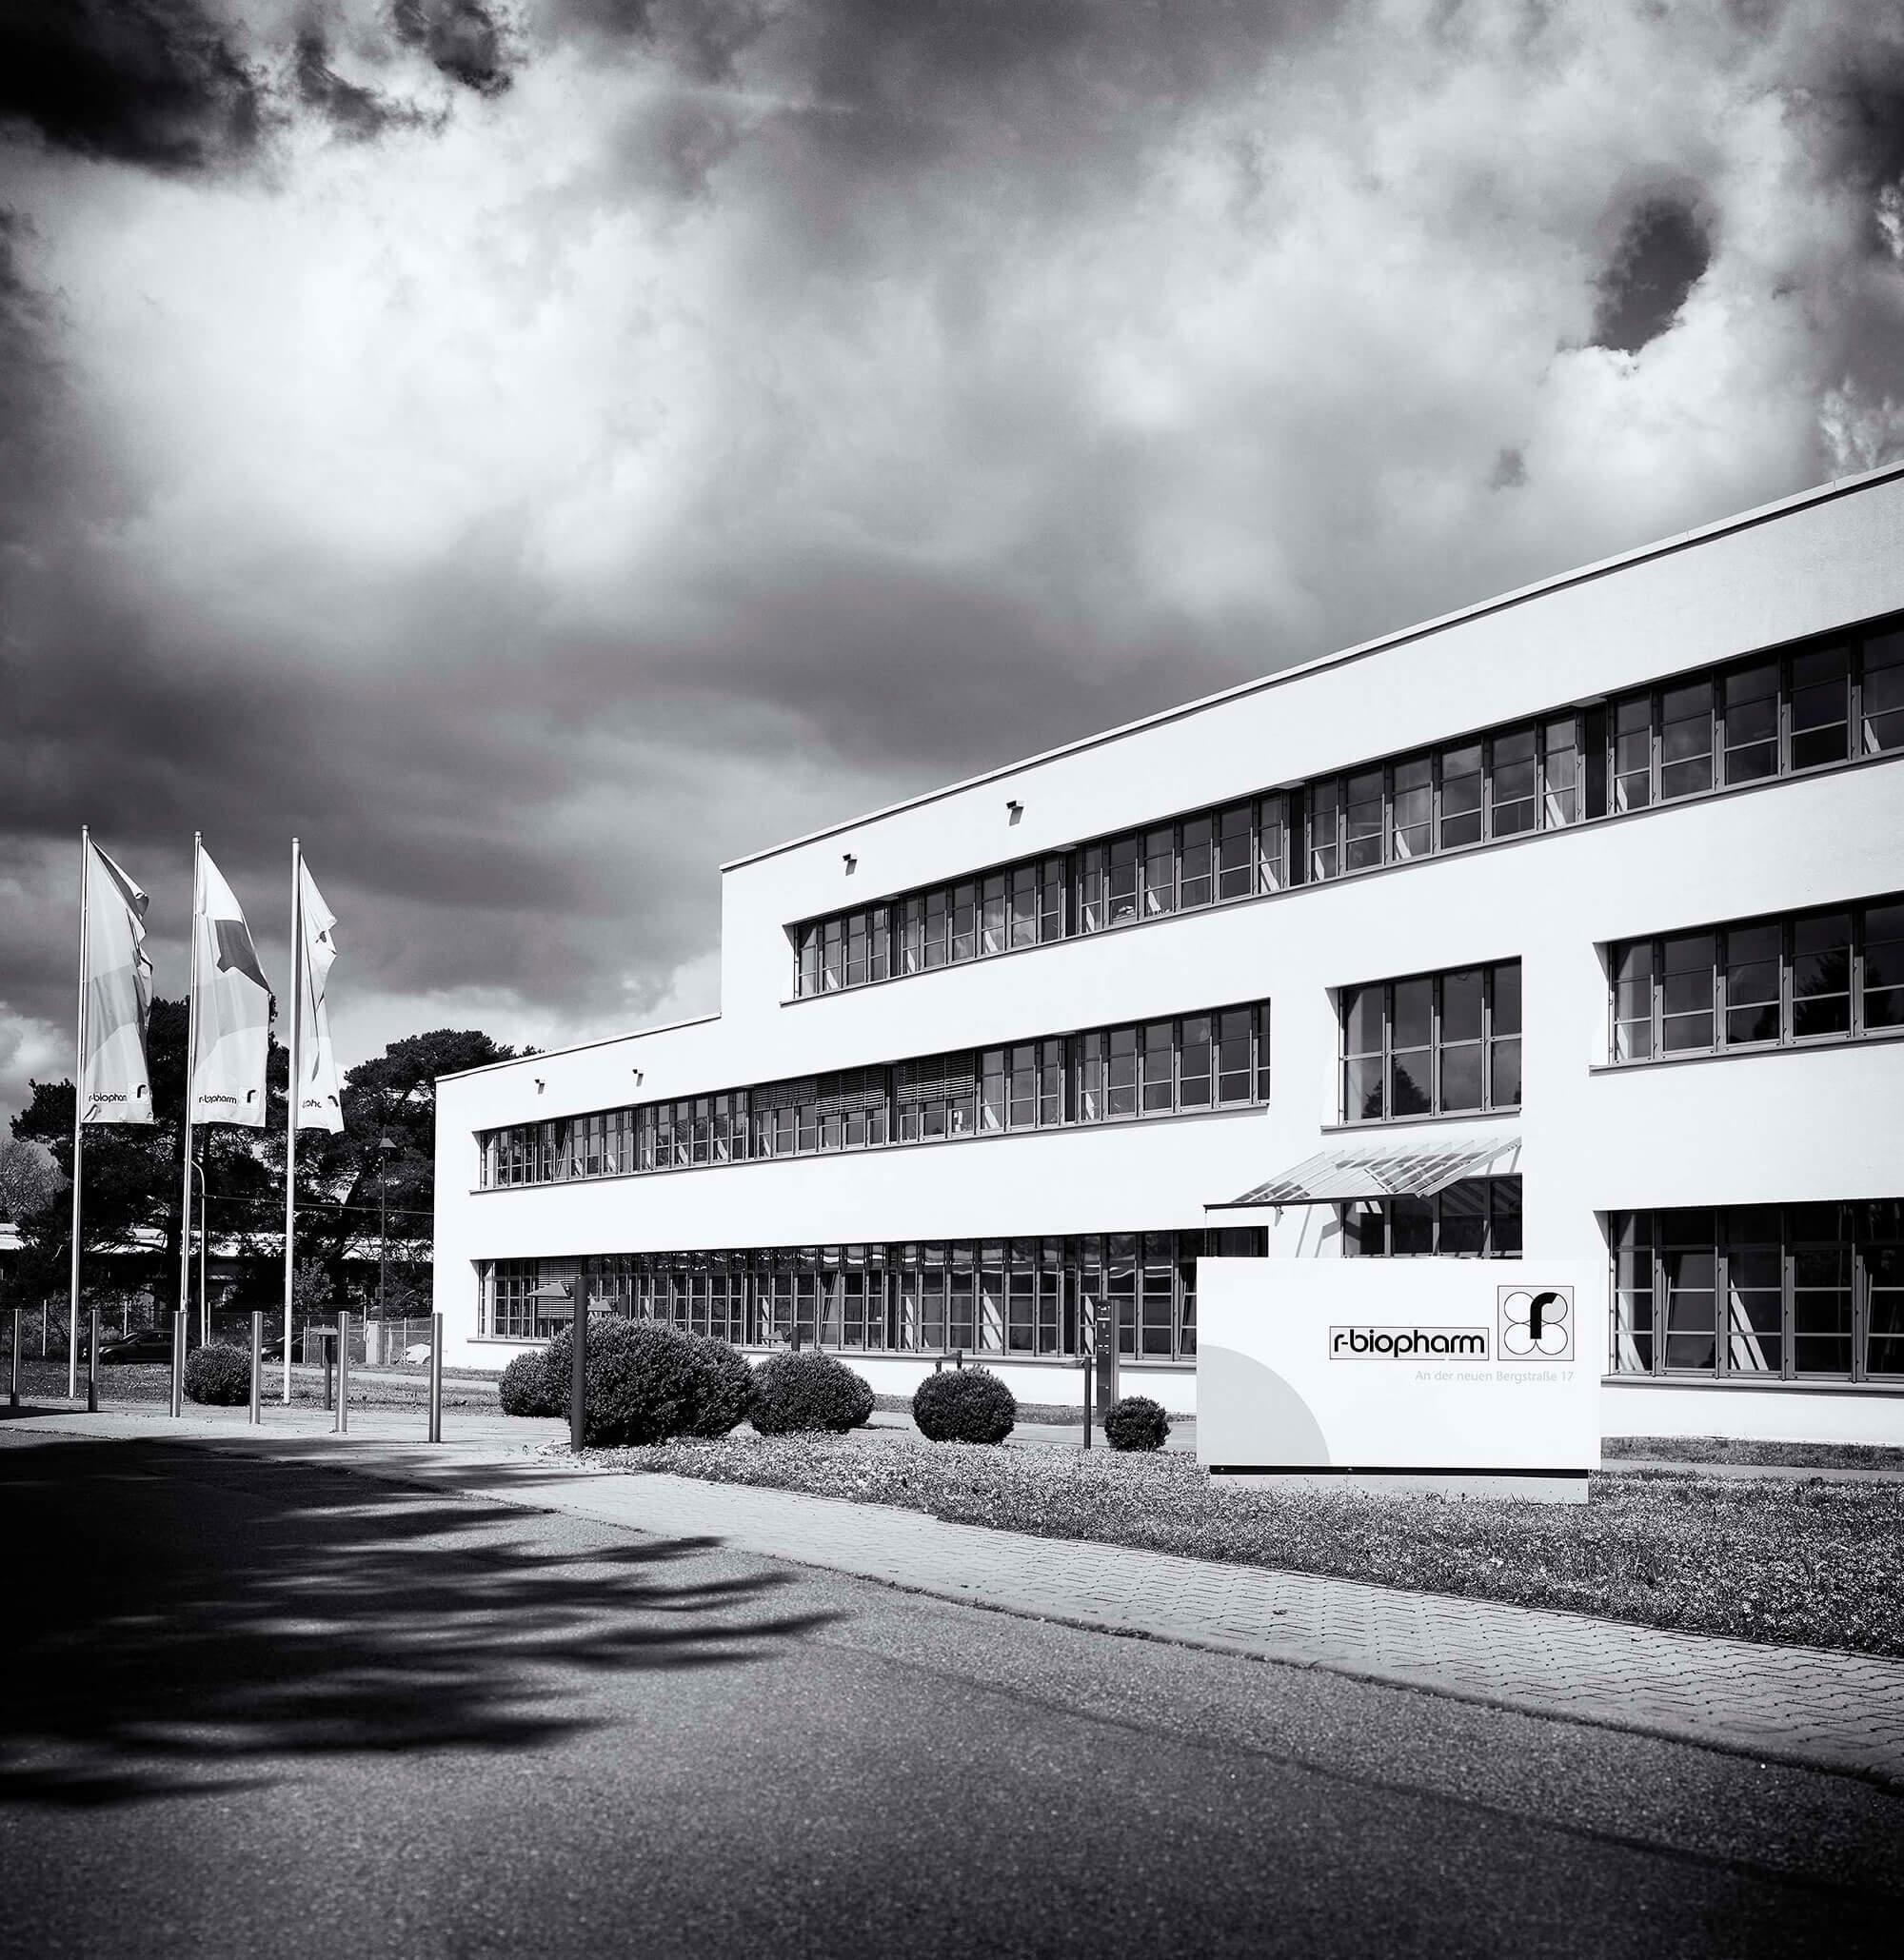 R-Biopharm AG Gebäude schwarz-weiß